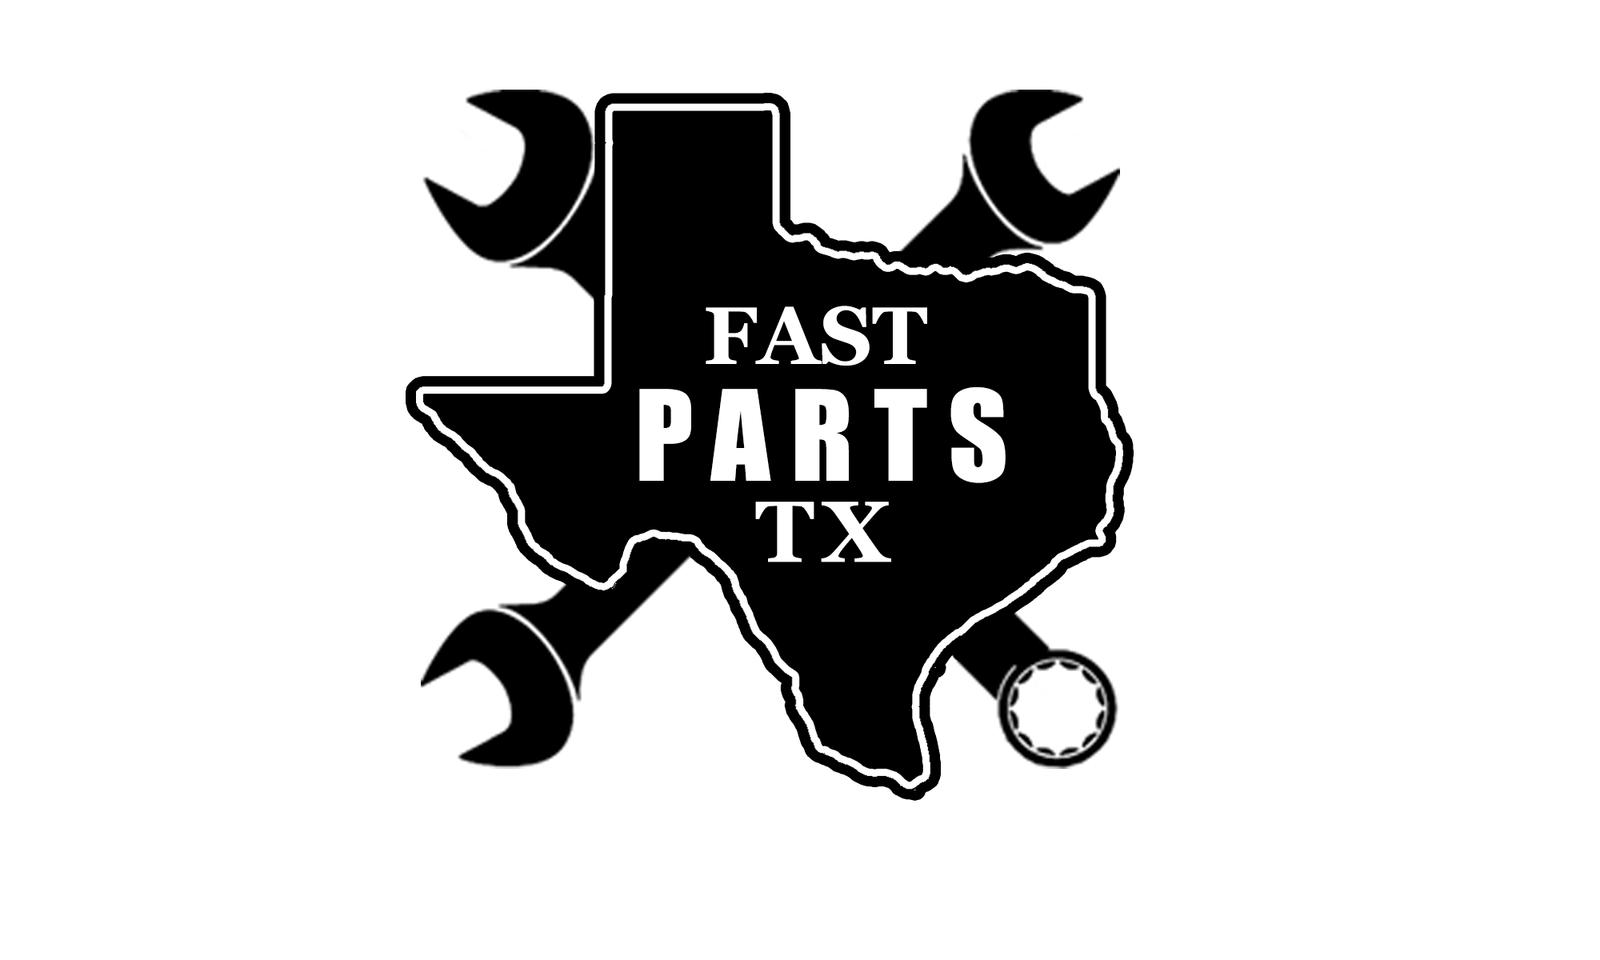 FastPartsTX